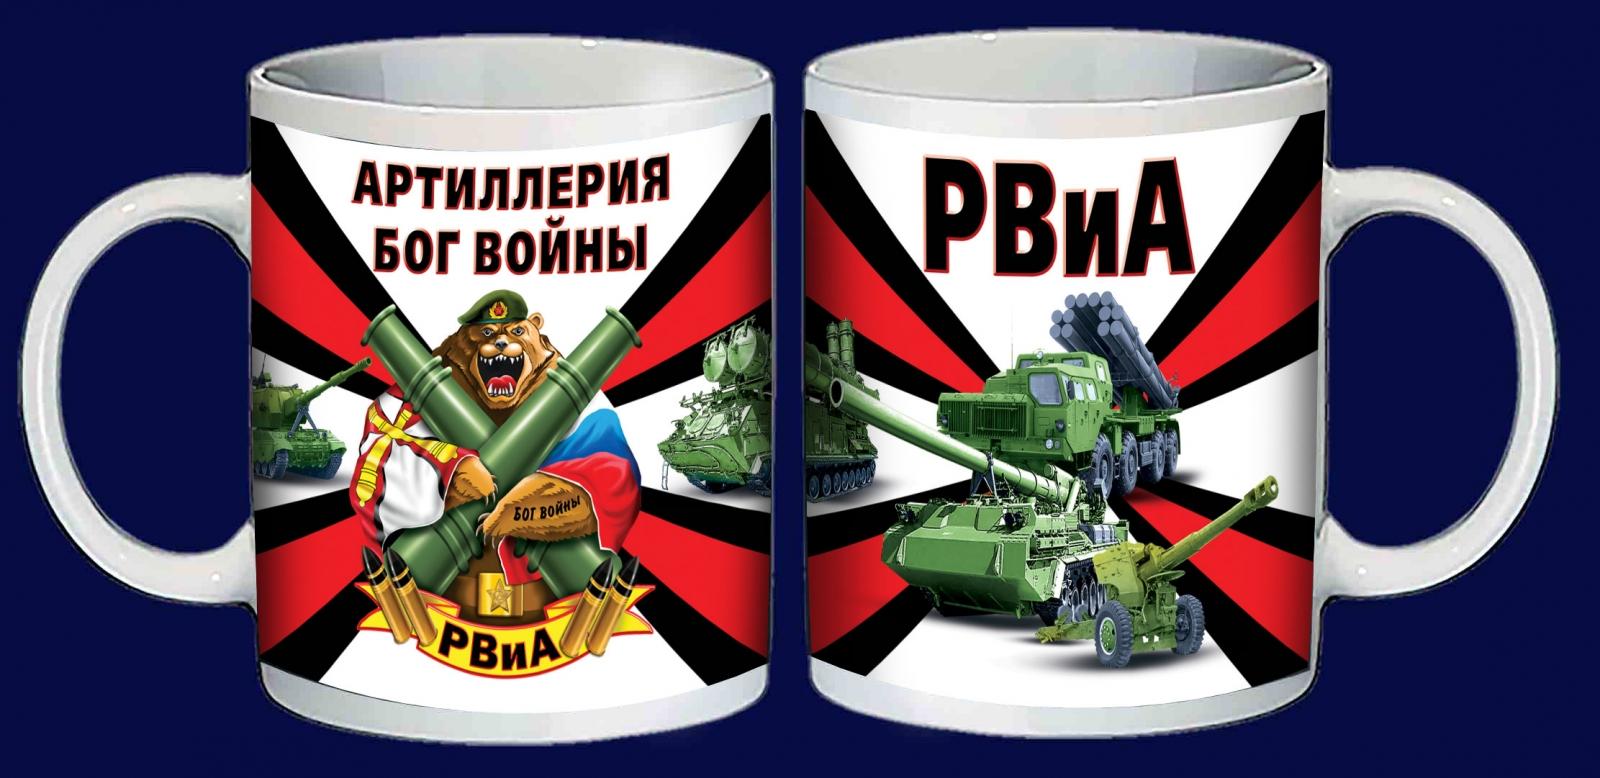 Кружка РВиА Артиллерия Бог войны